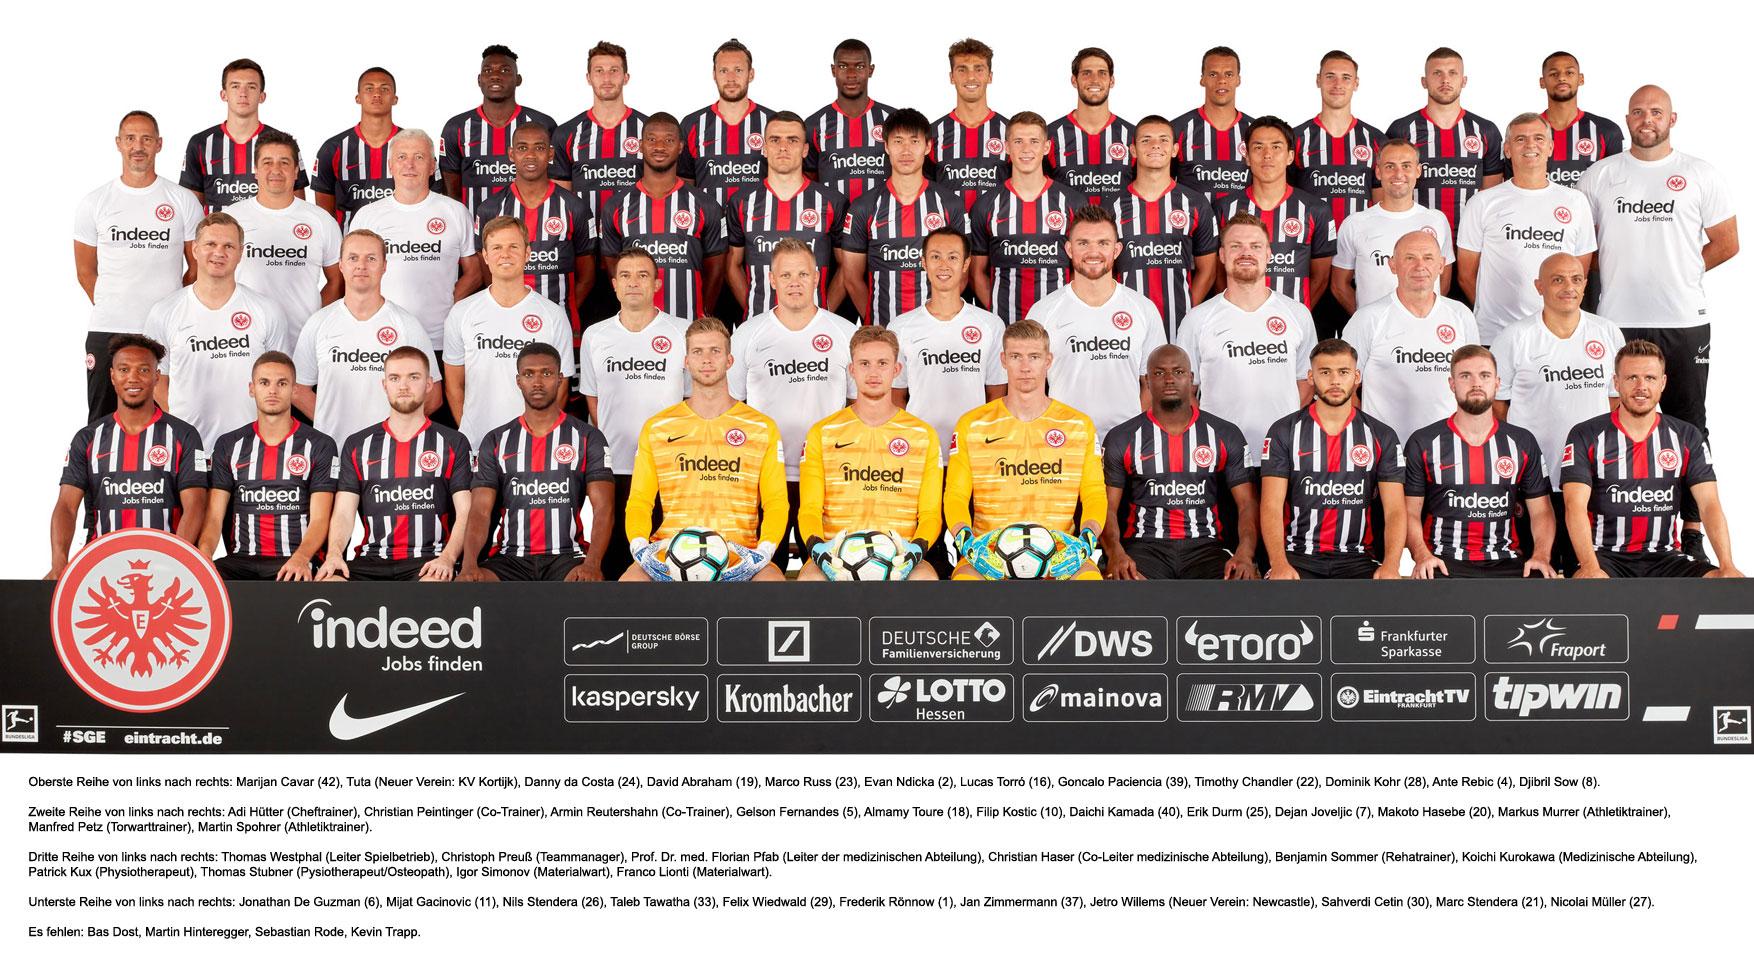 eintracht frankfurt teamfoto 2019/20